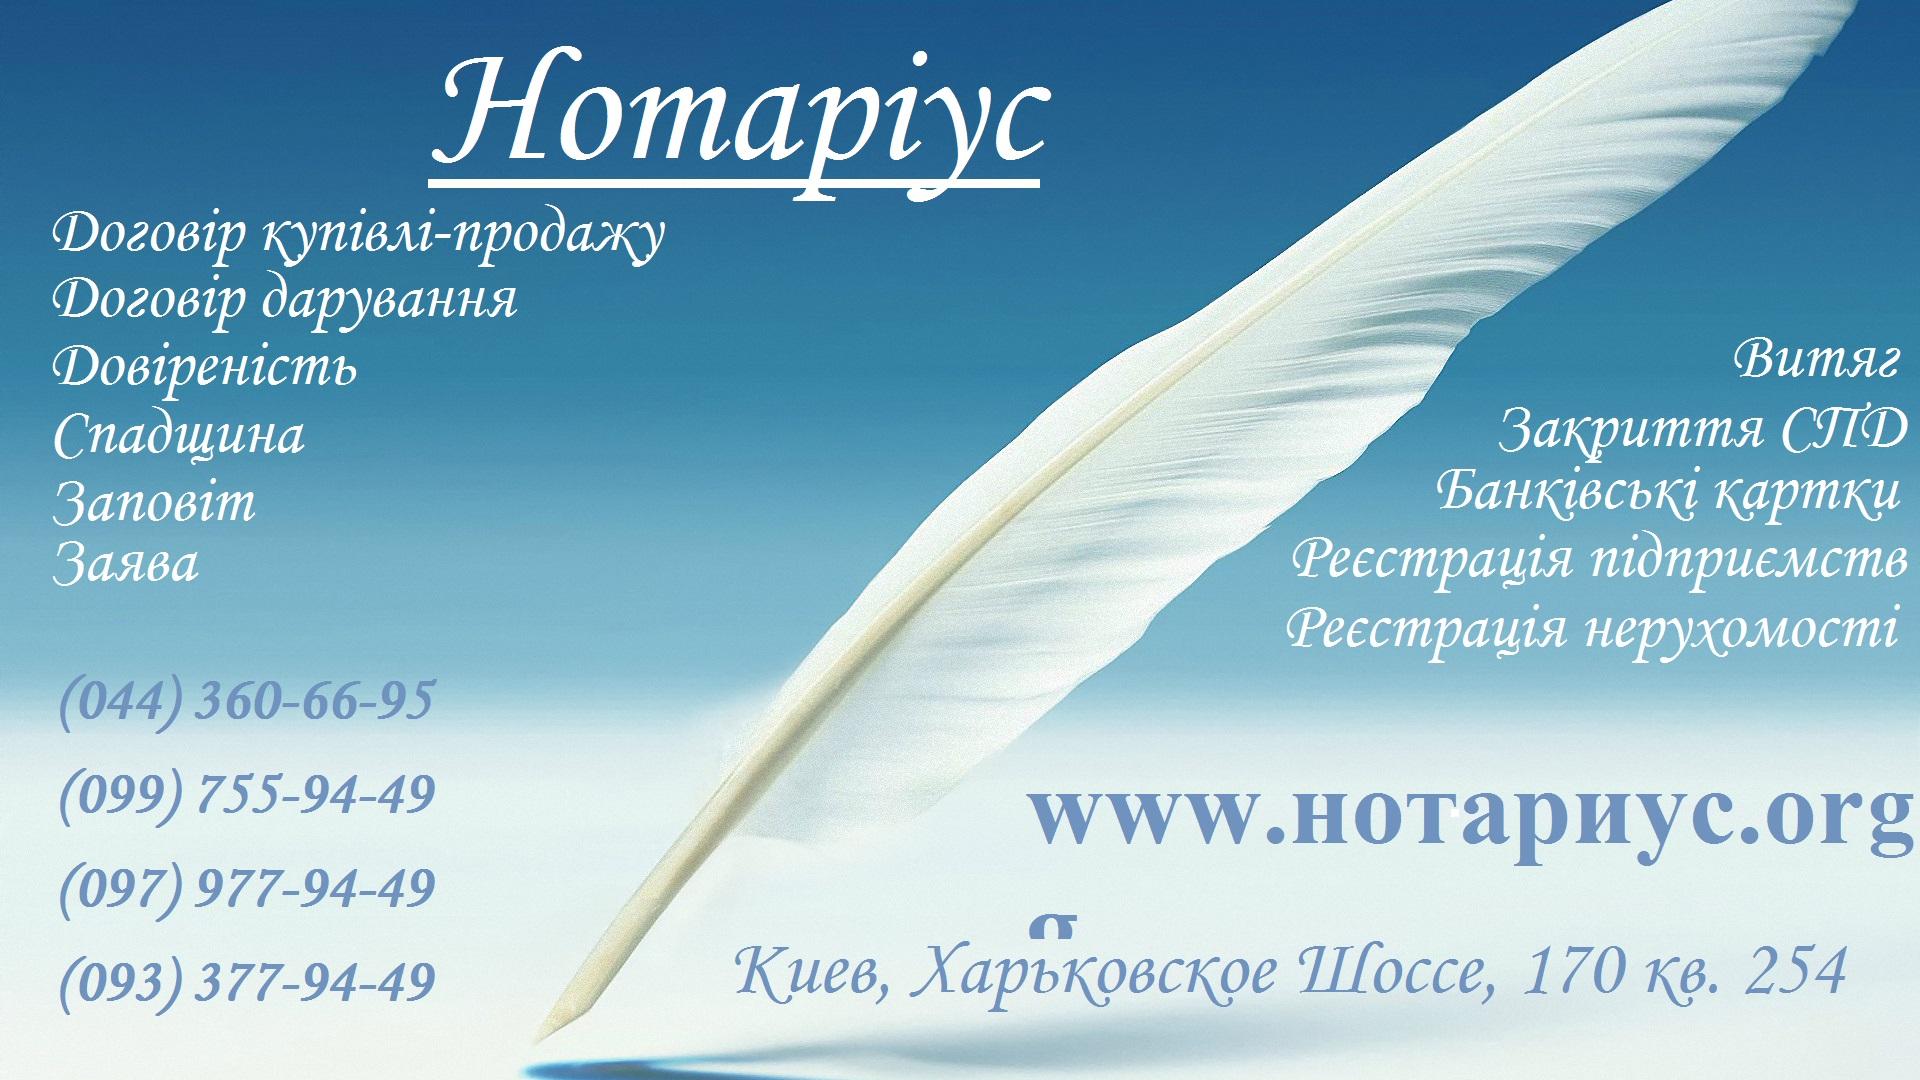 Нотаріус Київ